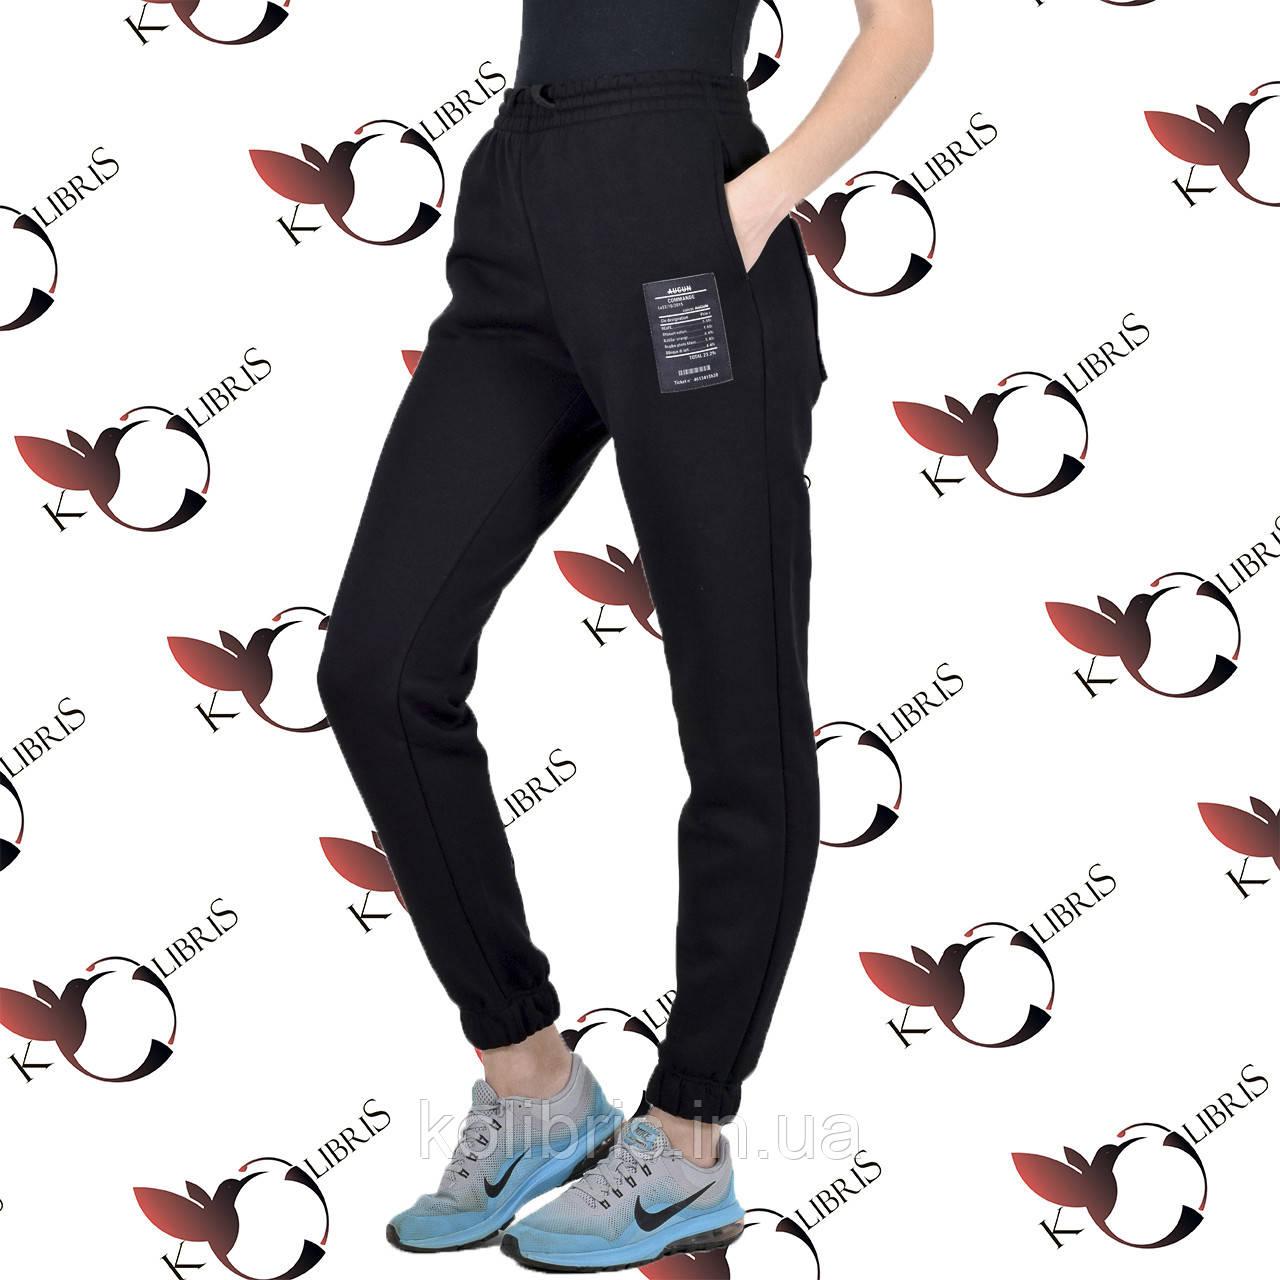 Черные женские утепленные спортивные штанишки трехнитка с начесом